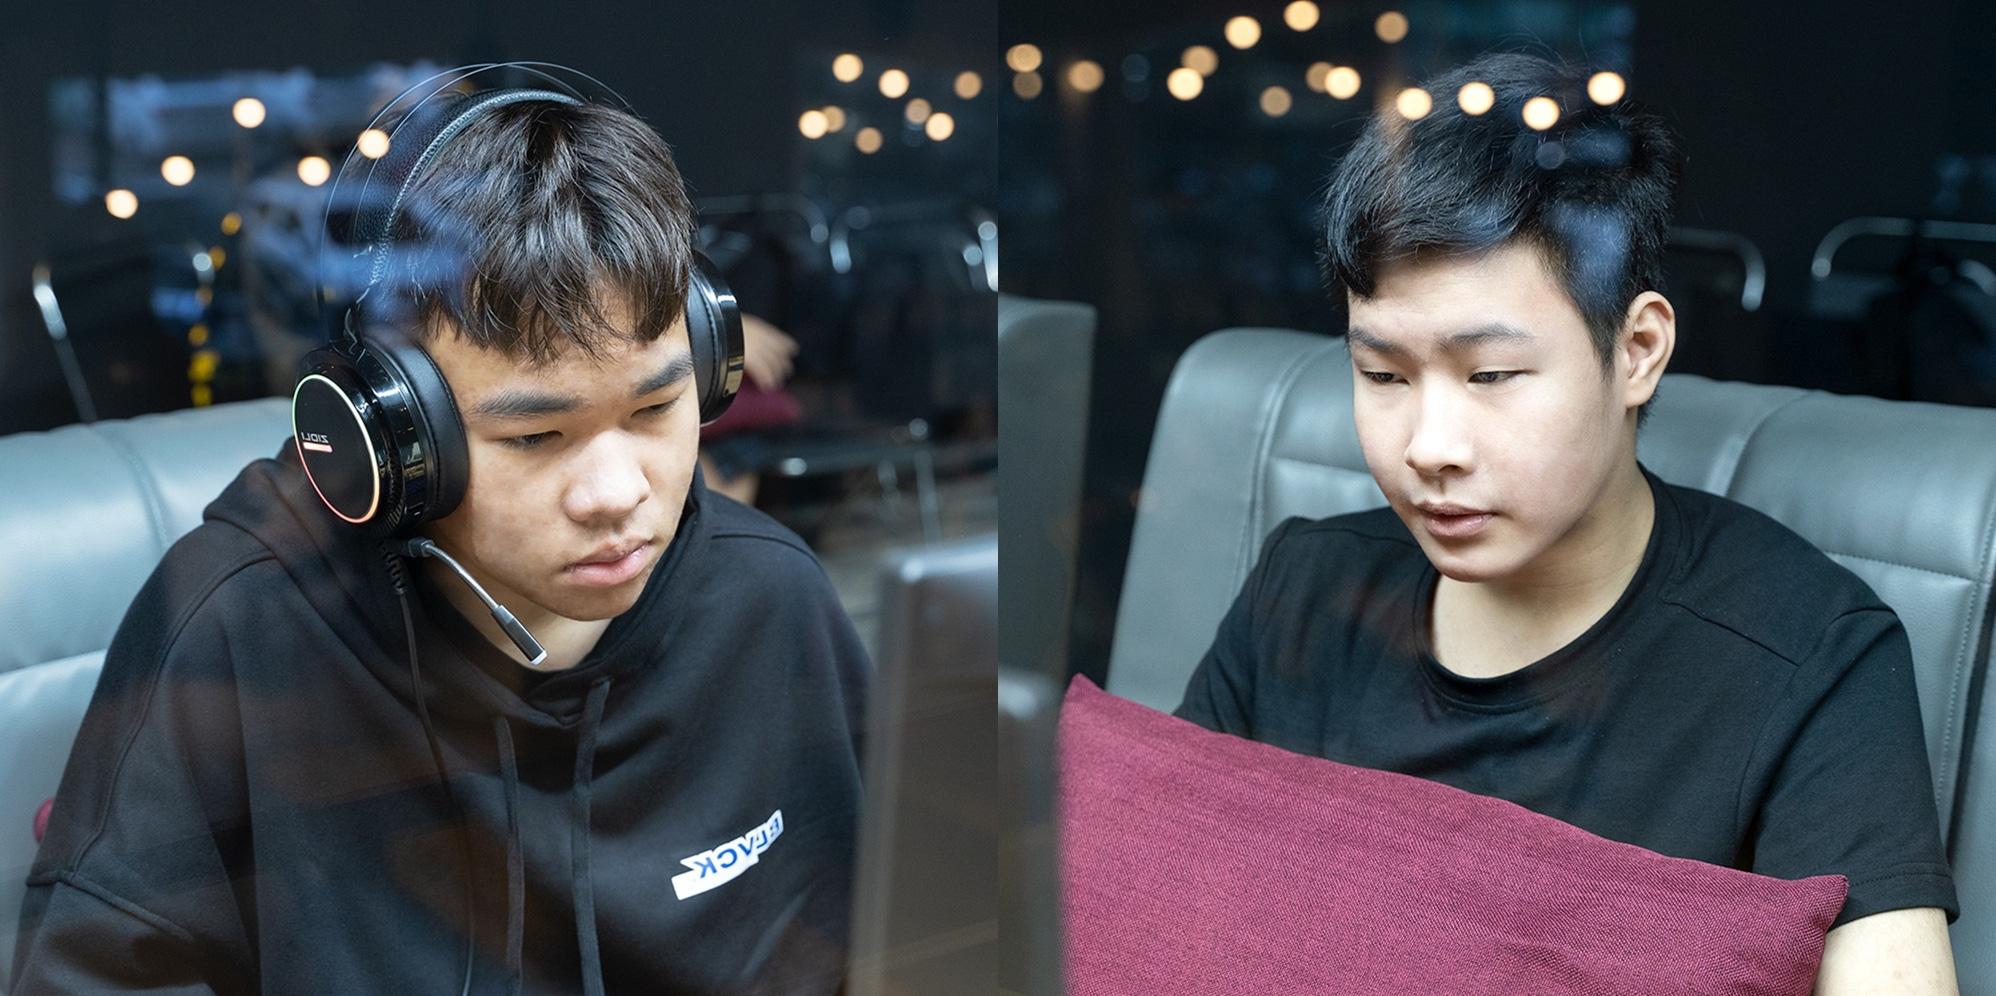 """Chung kết Hanwha Life Esports: Team HyNam """"đụng độ"""" Team TikTik Sama, ai sẽ là người """"tỏa sáng""""? - Ảnh 3."""